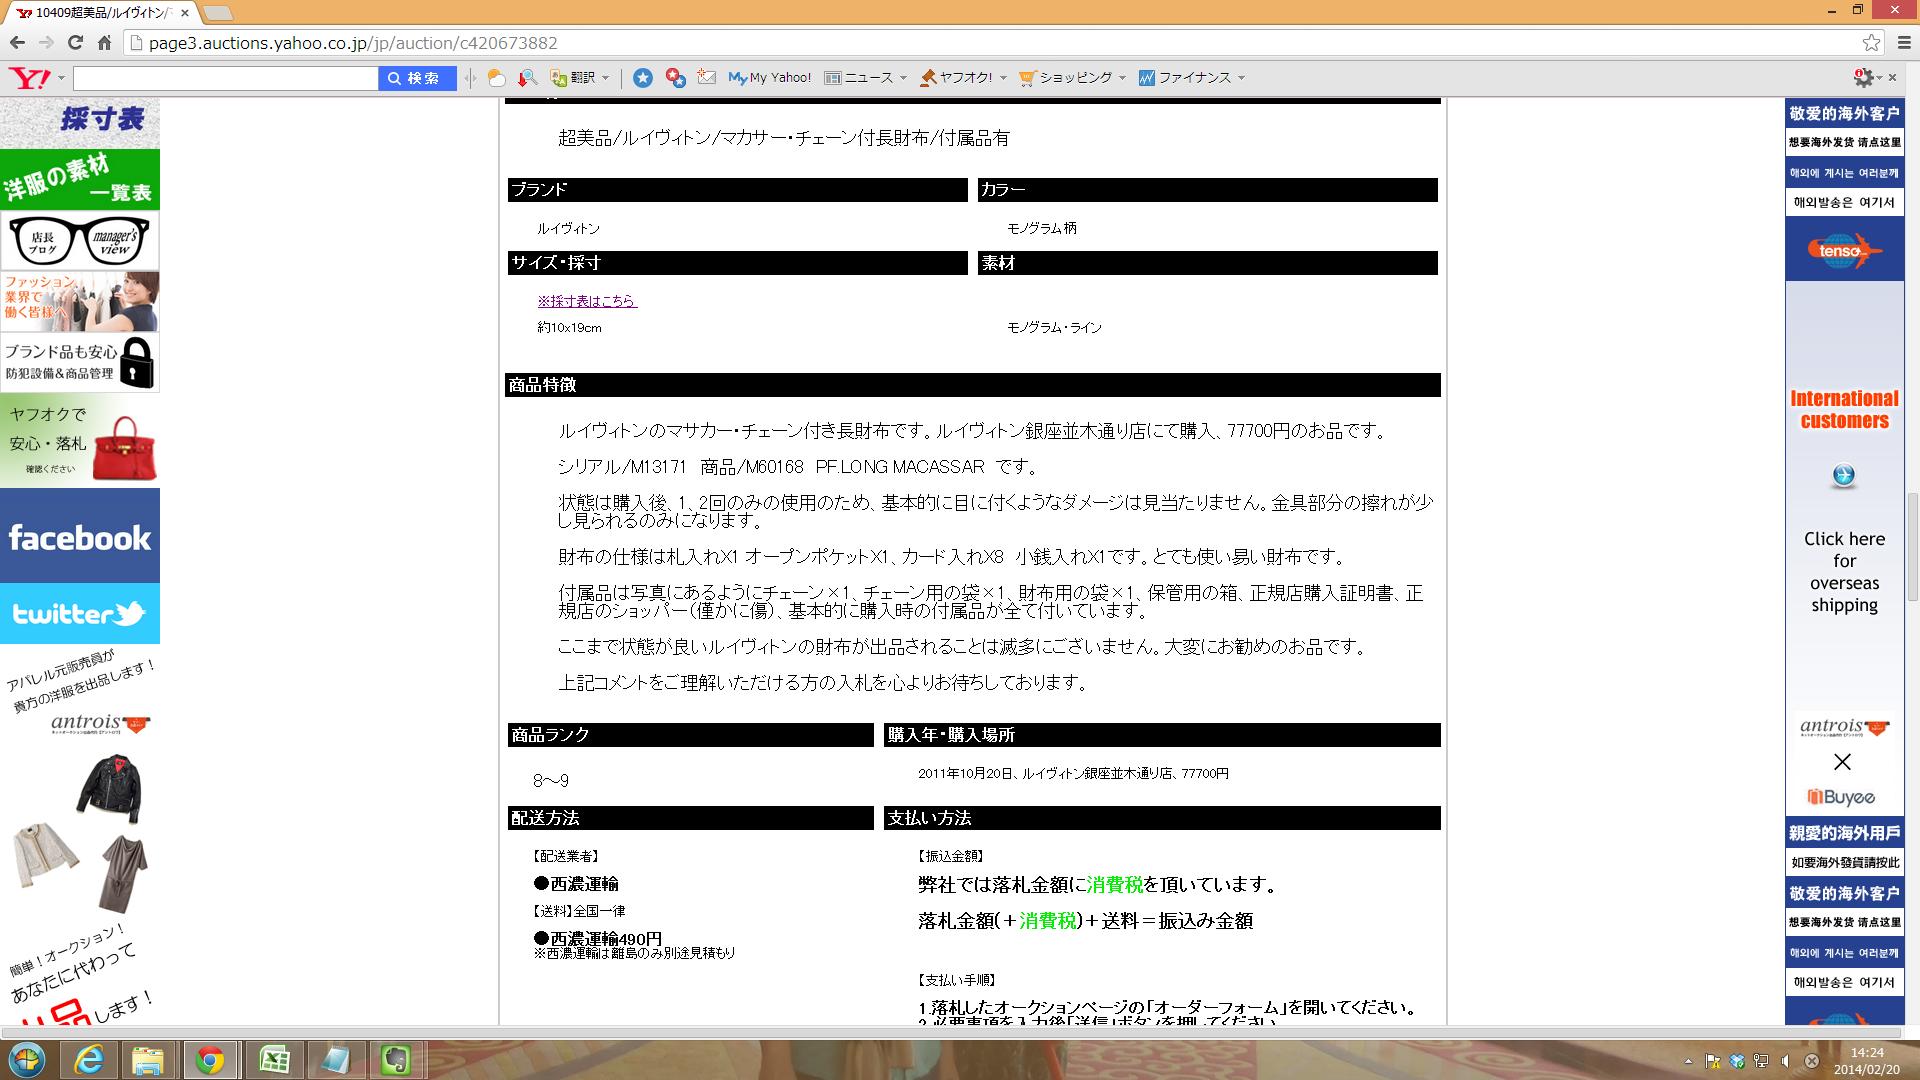 スクリーンショット 2014-02-20 14.24.21